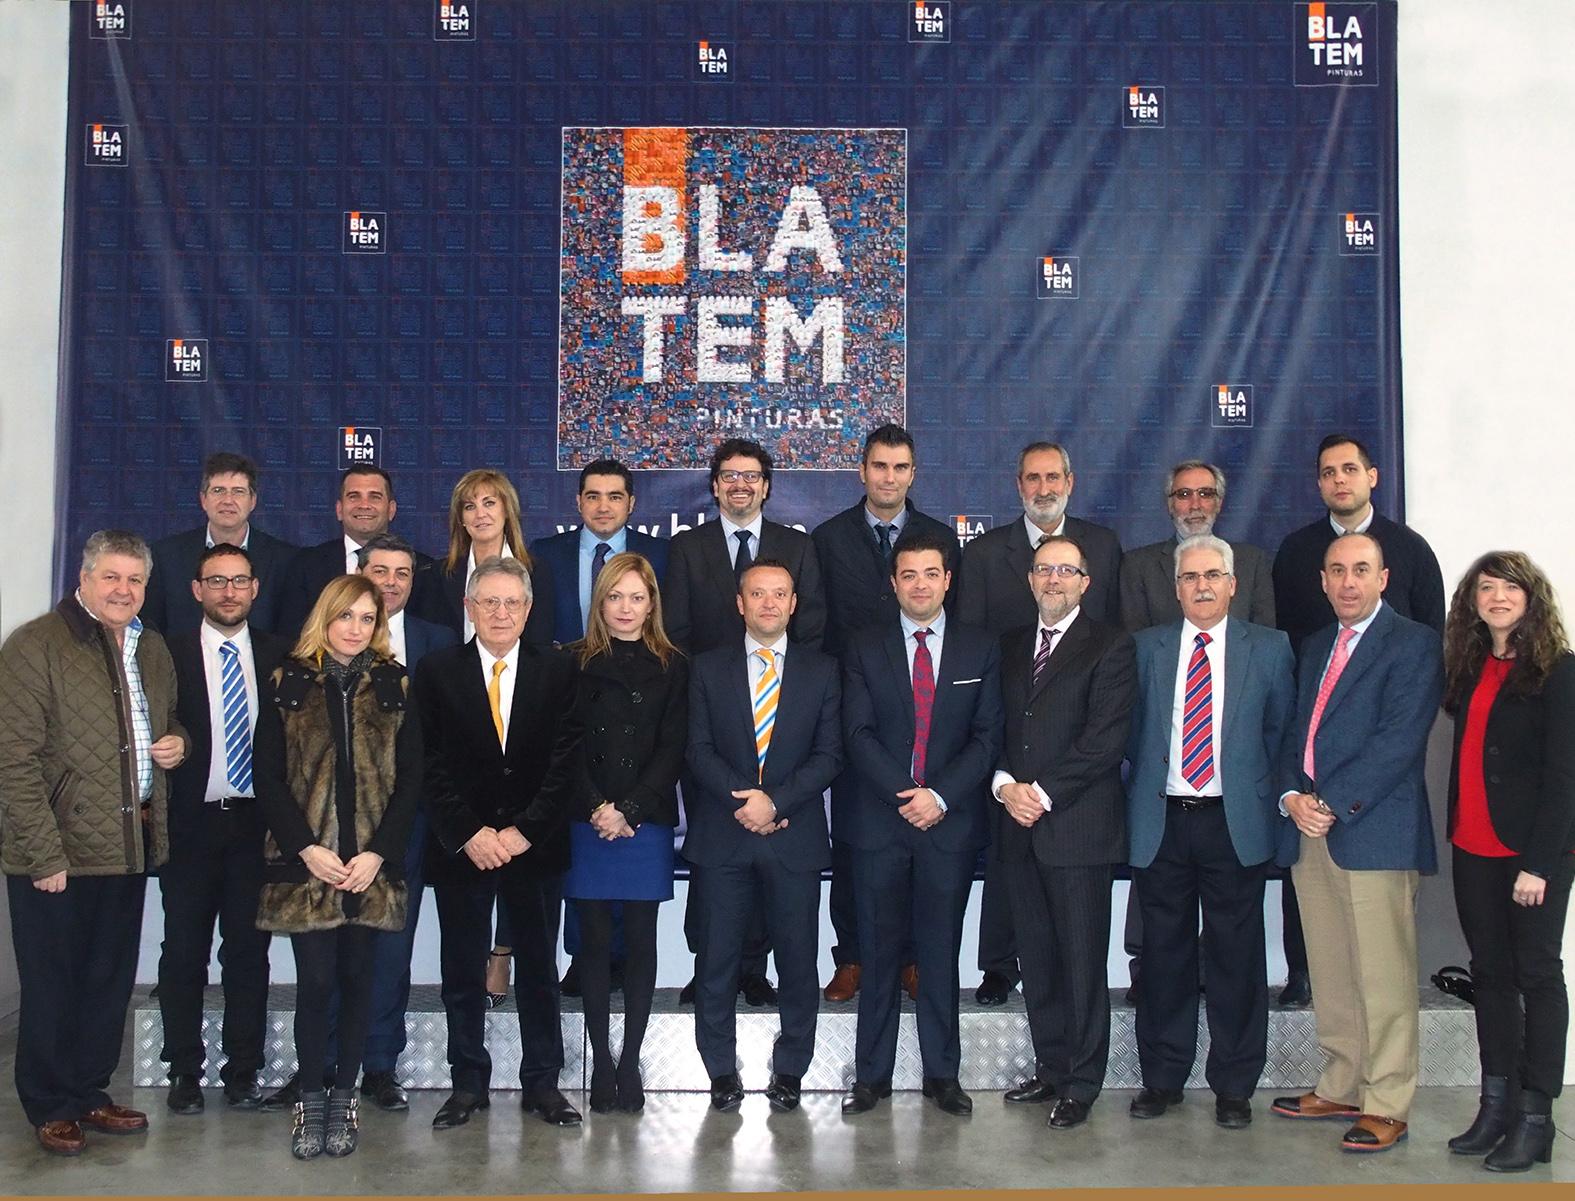 Foto de grupo del equipo directivo de Pinturas Blatem